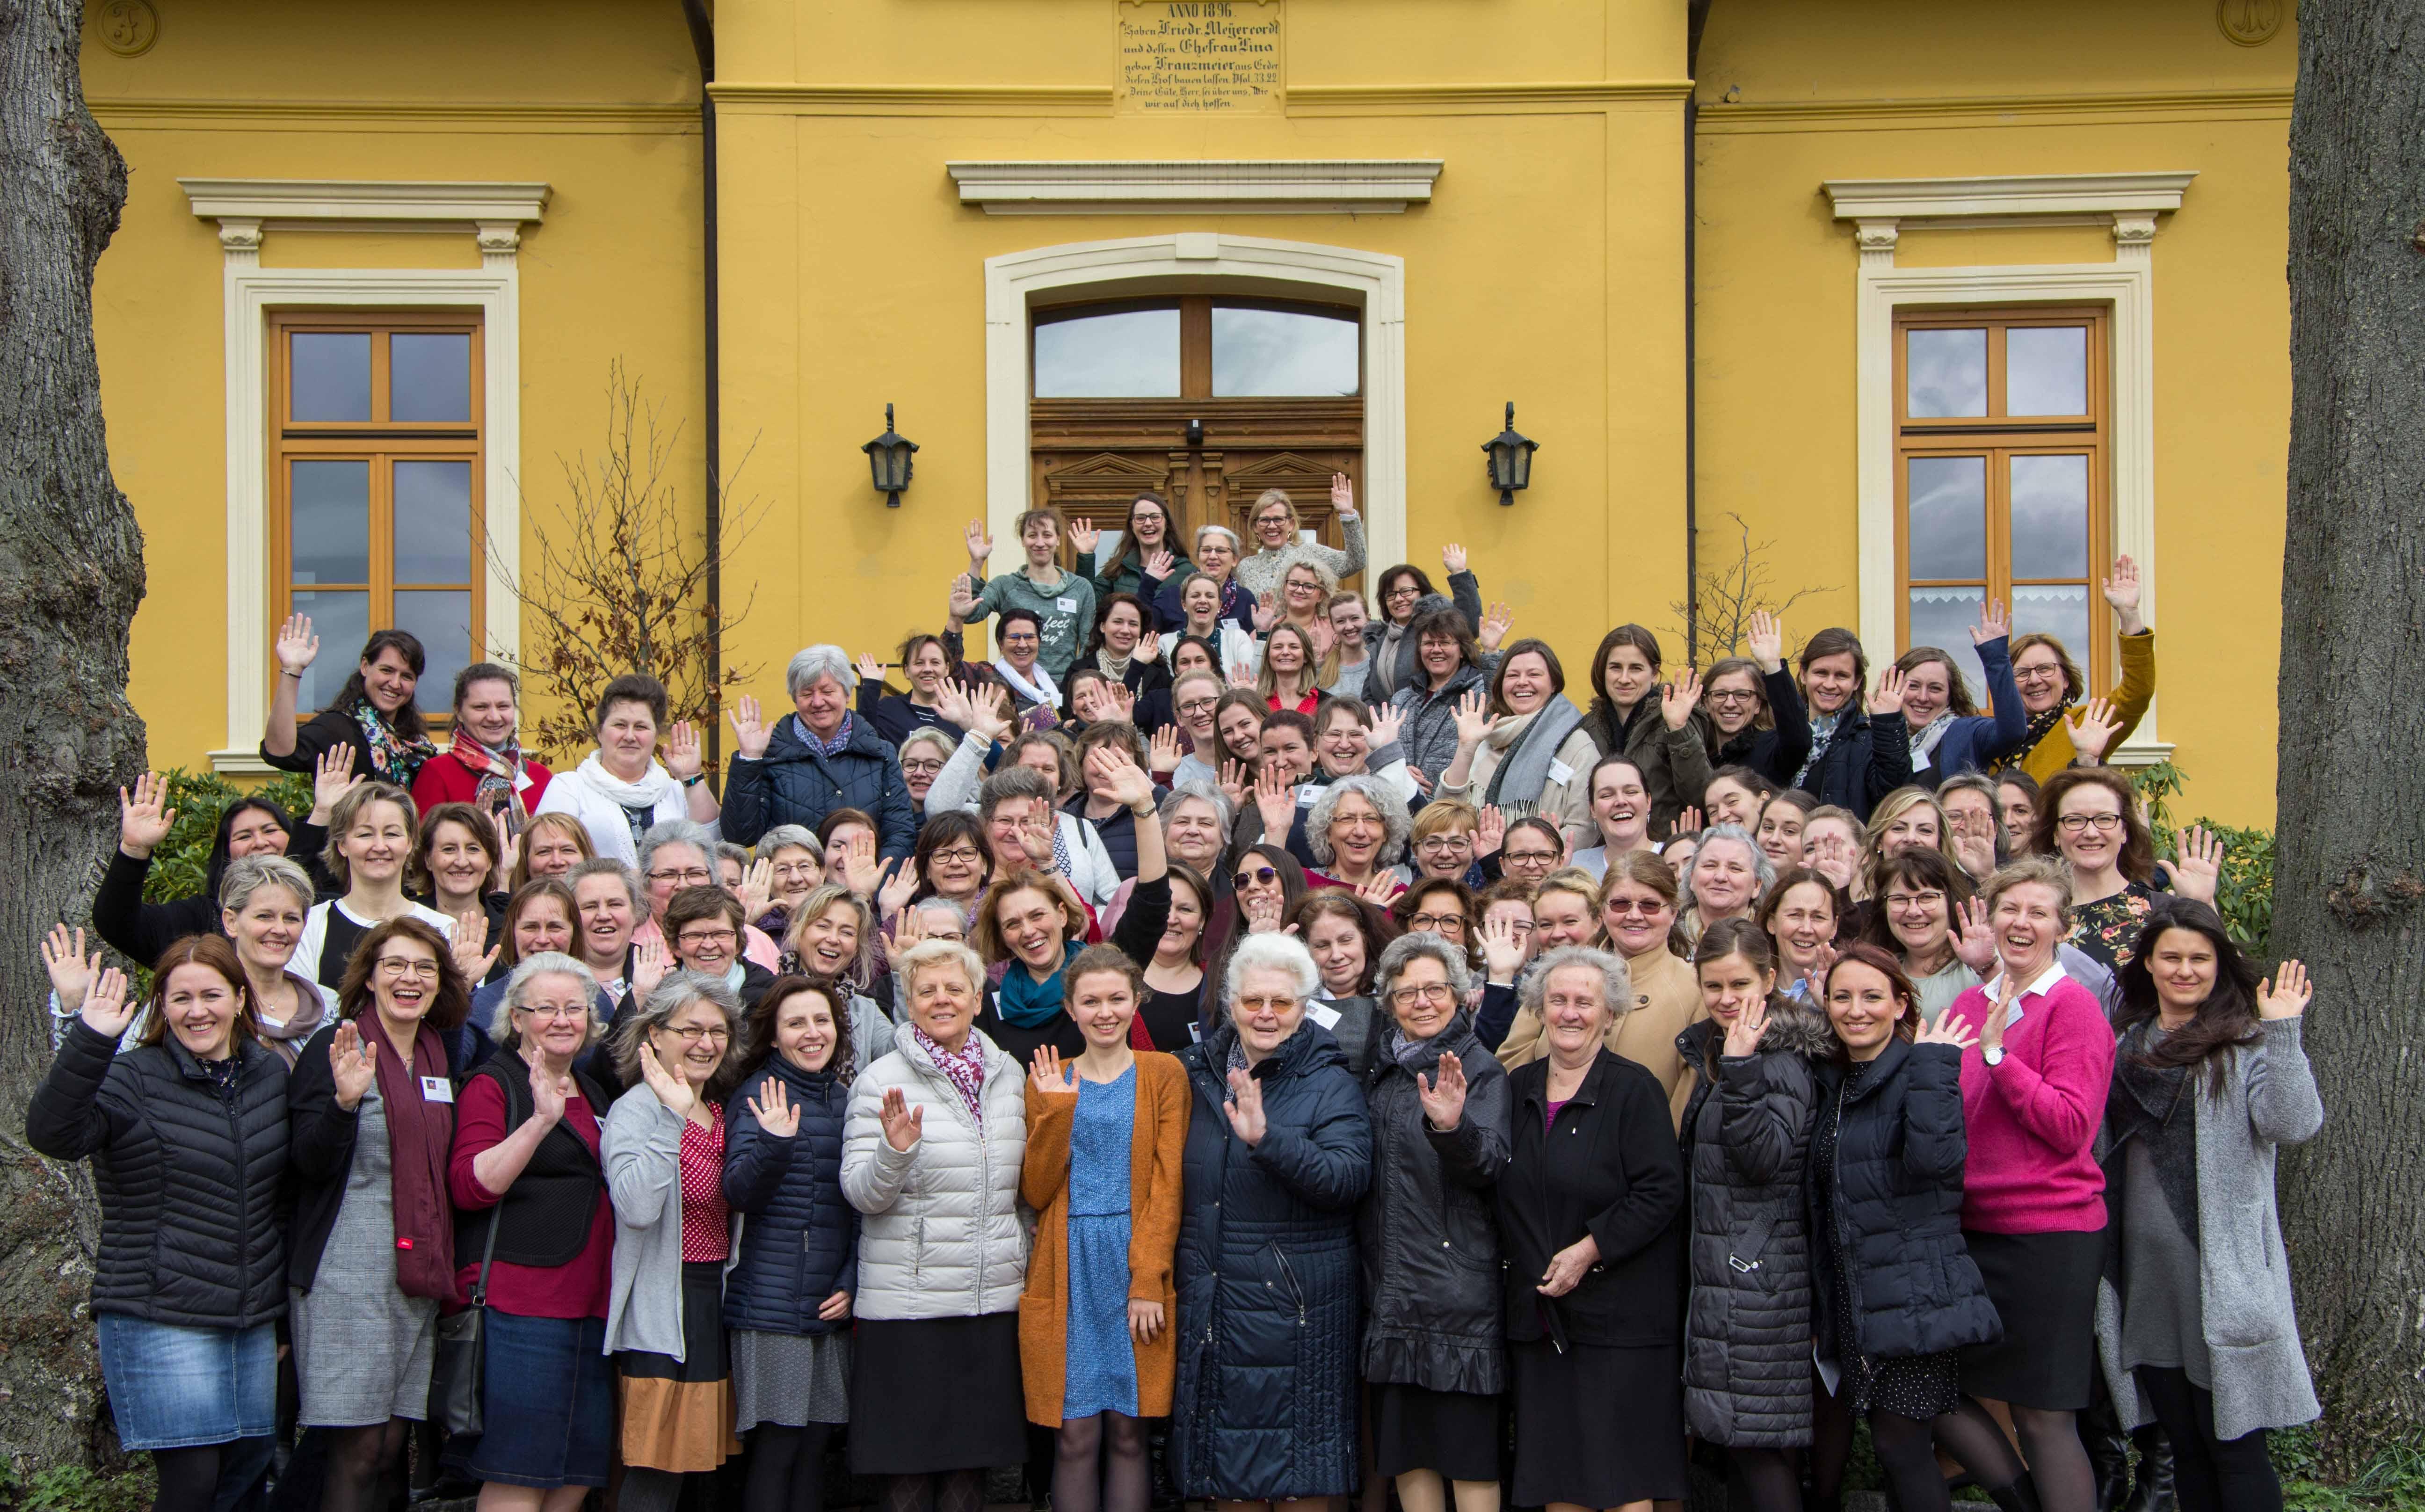 Frauenfreizeit Gruppenfoto